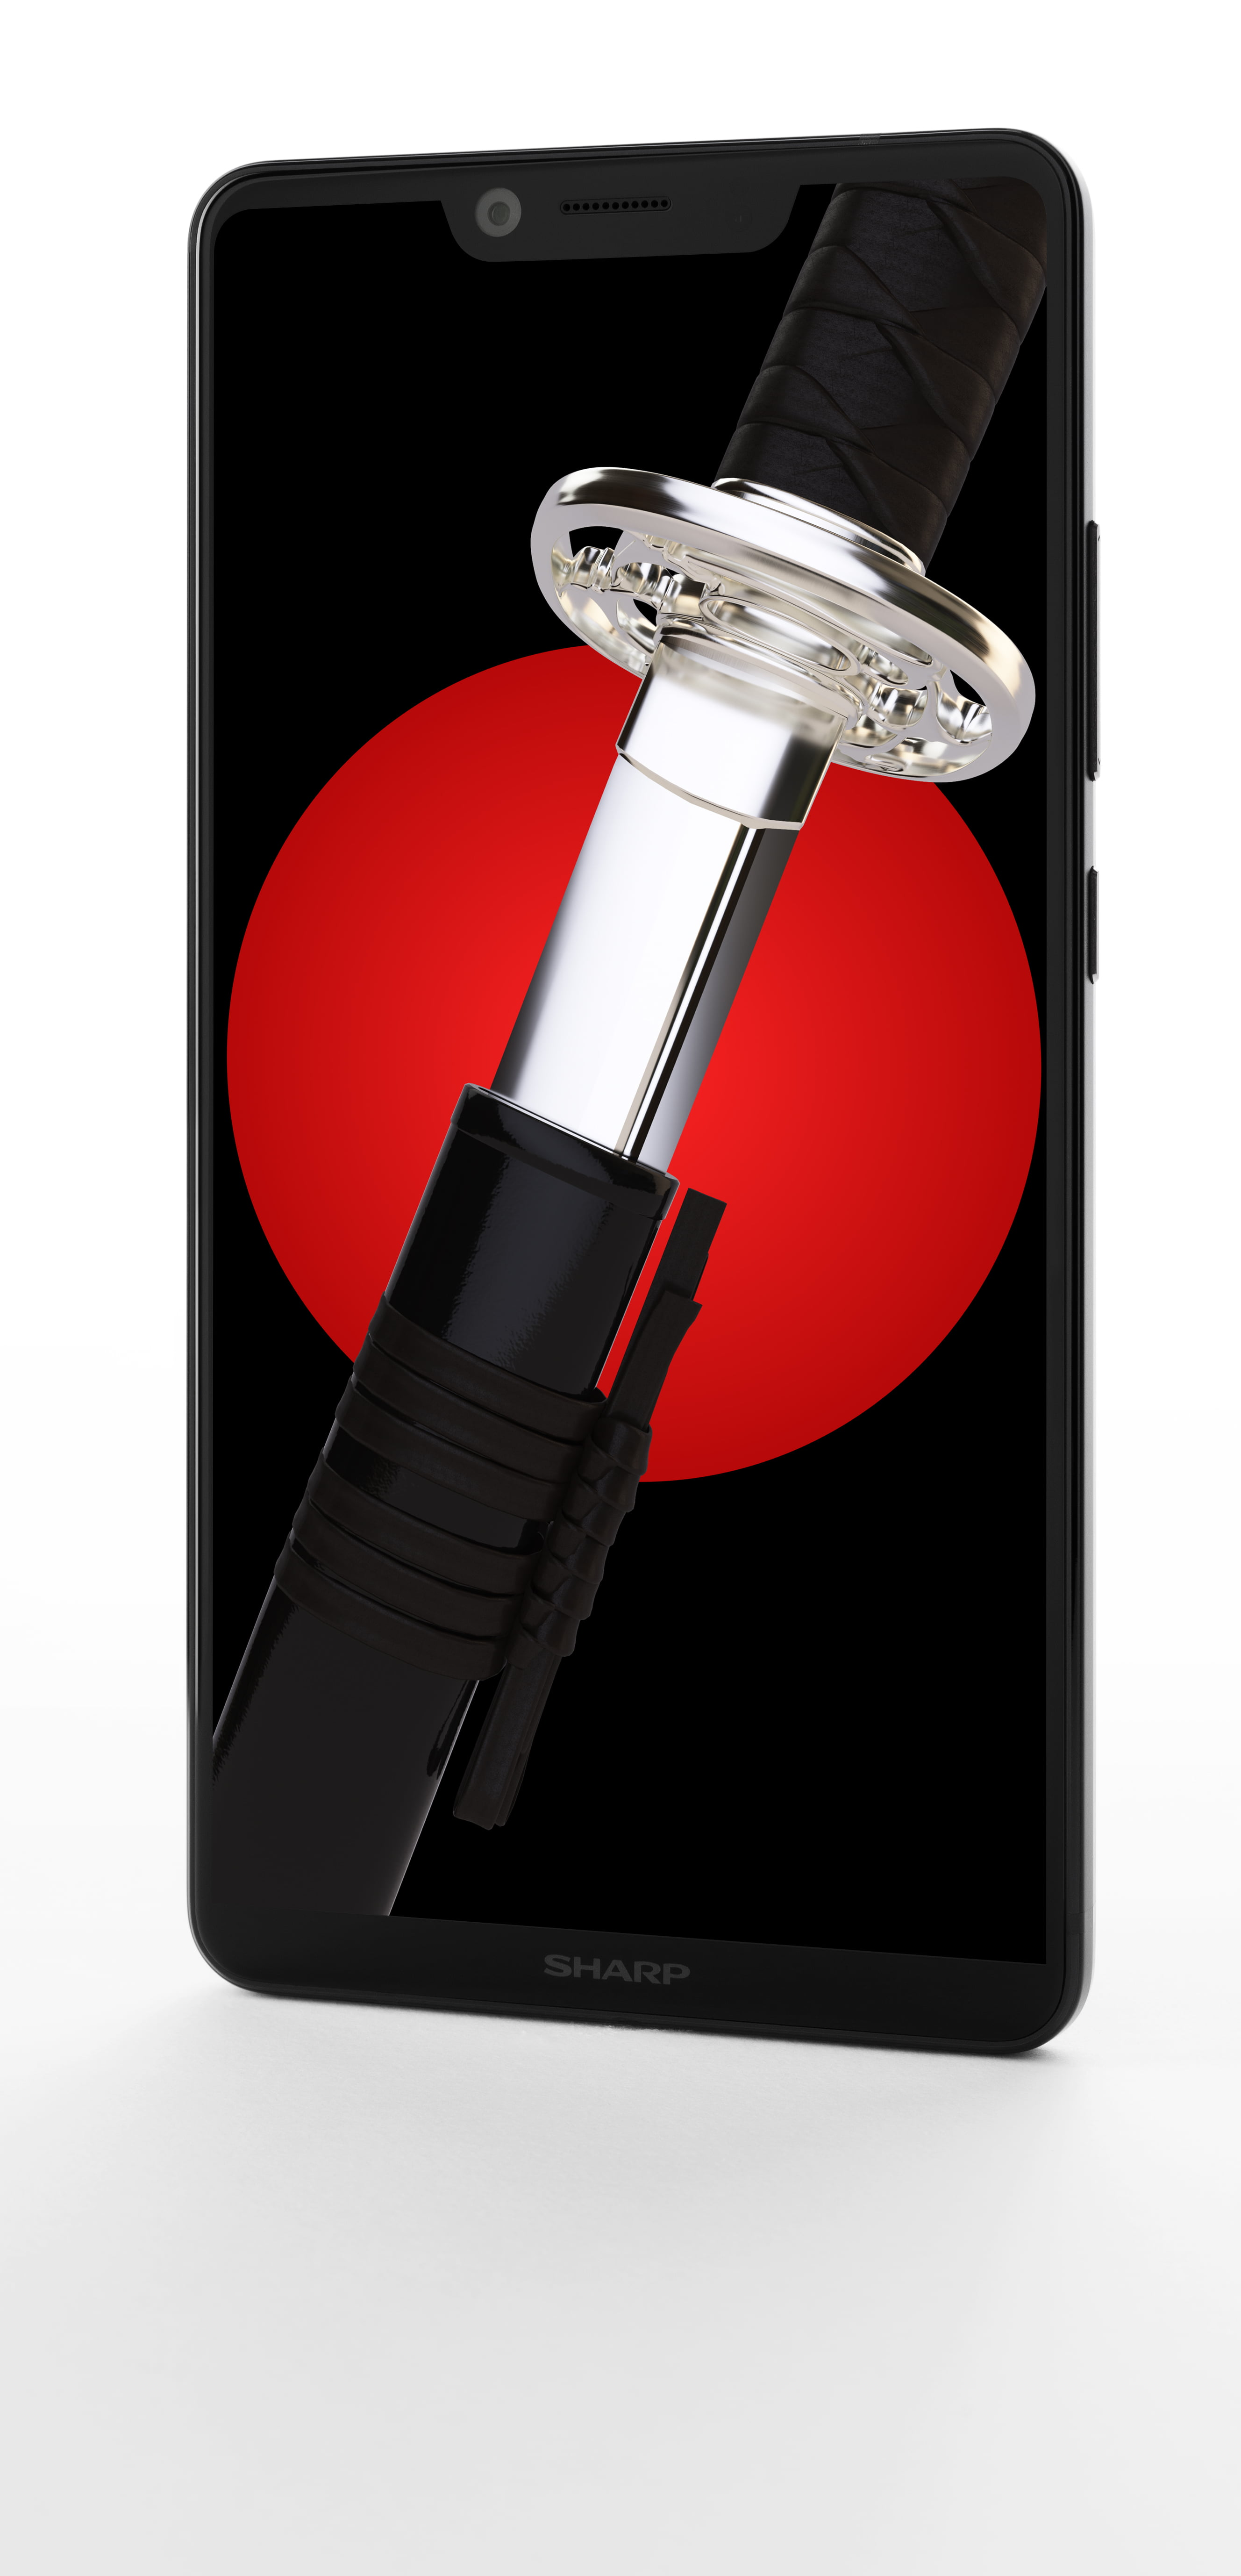 Sharp telefon